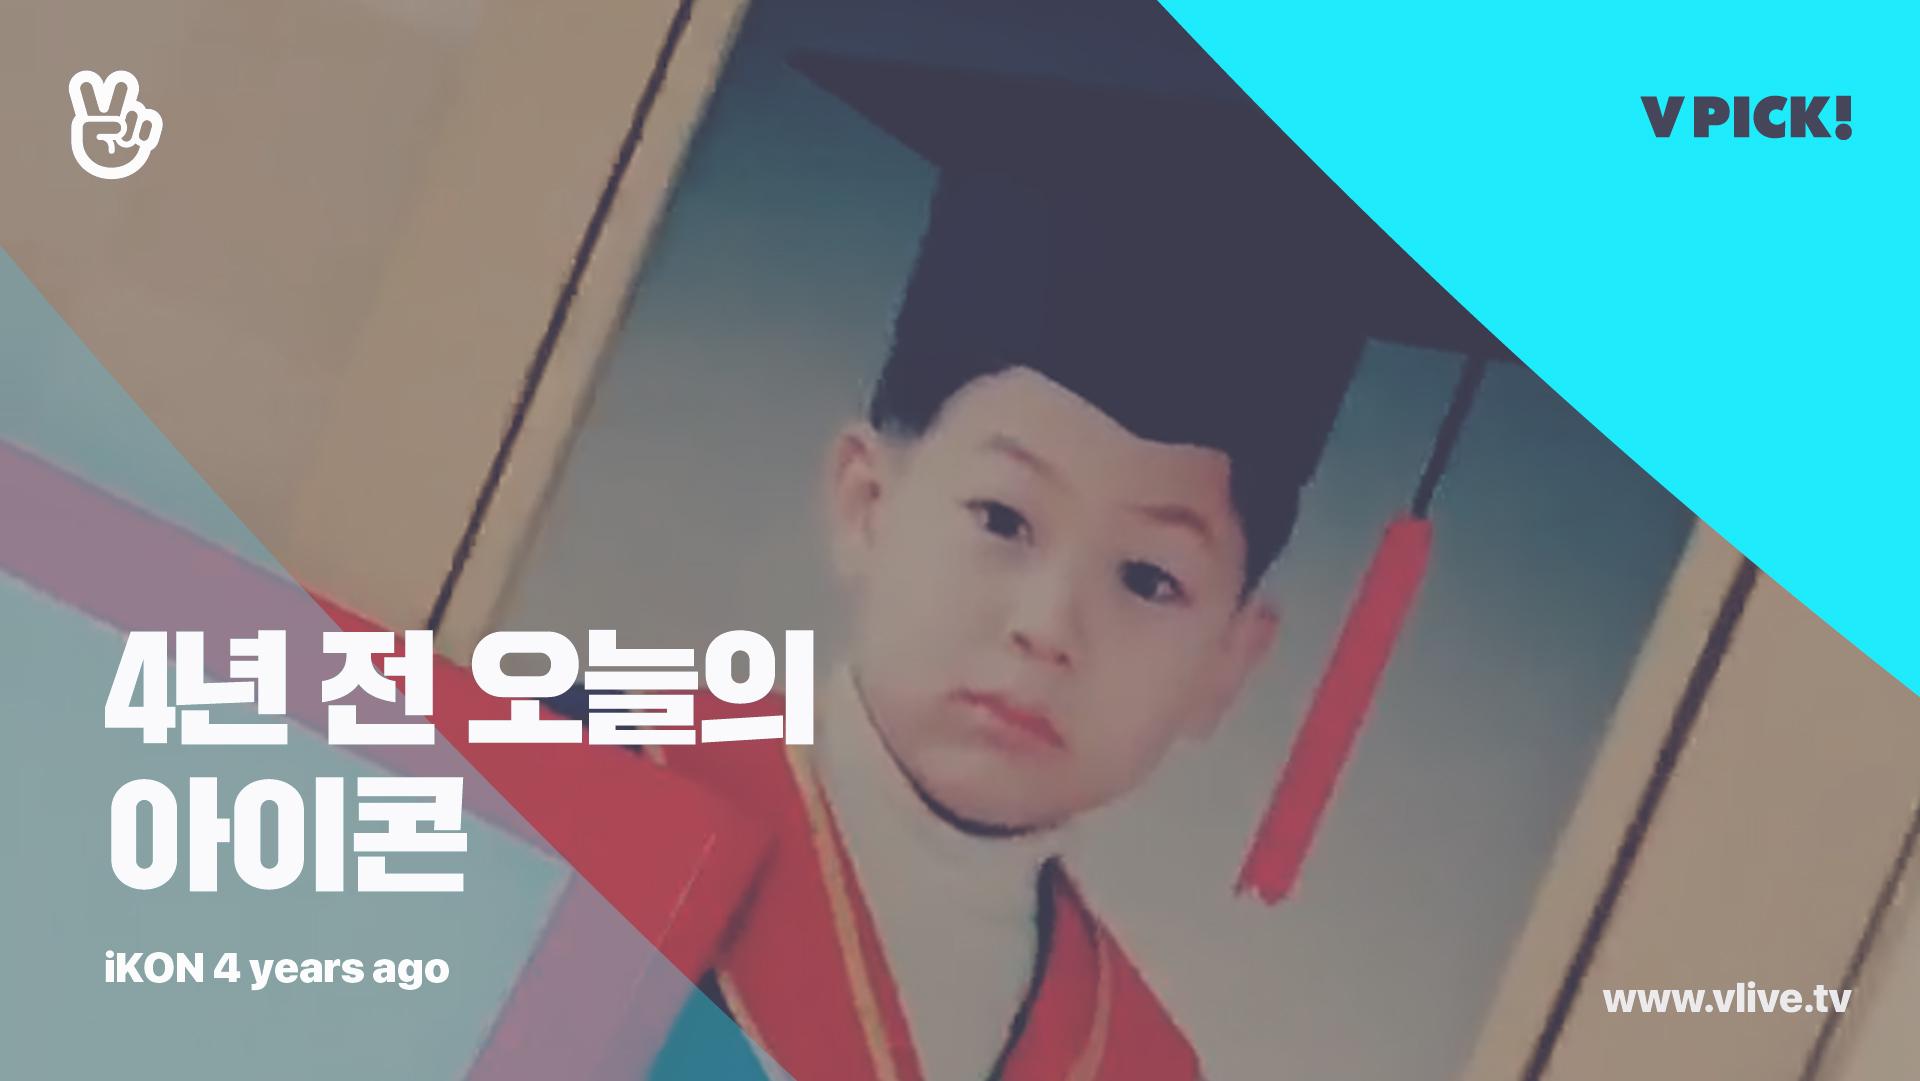 [4년 전 오늘의 iKON] 복슬강아지가 함께하는 윤형이네 투어🏠 (SONG's V 4 years ago)